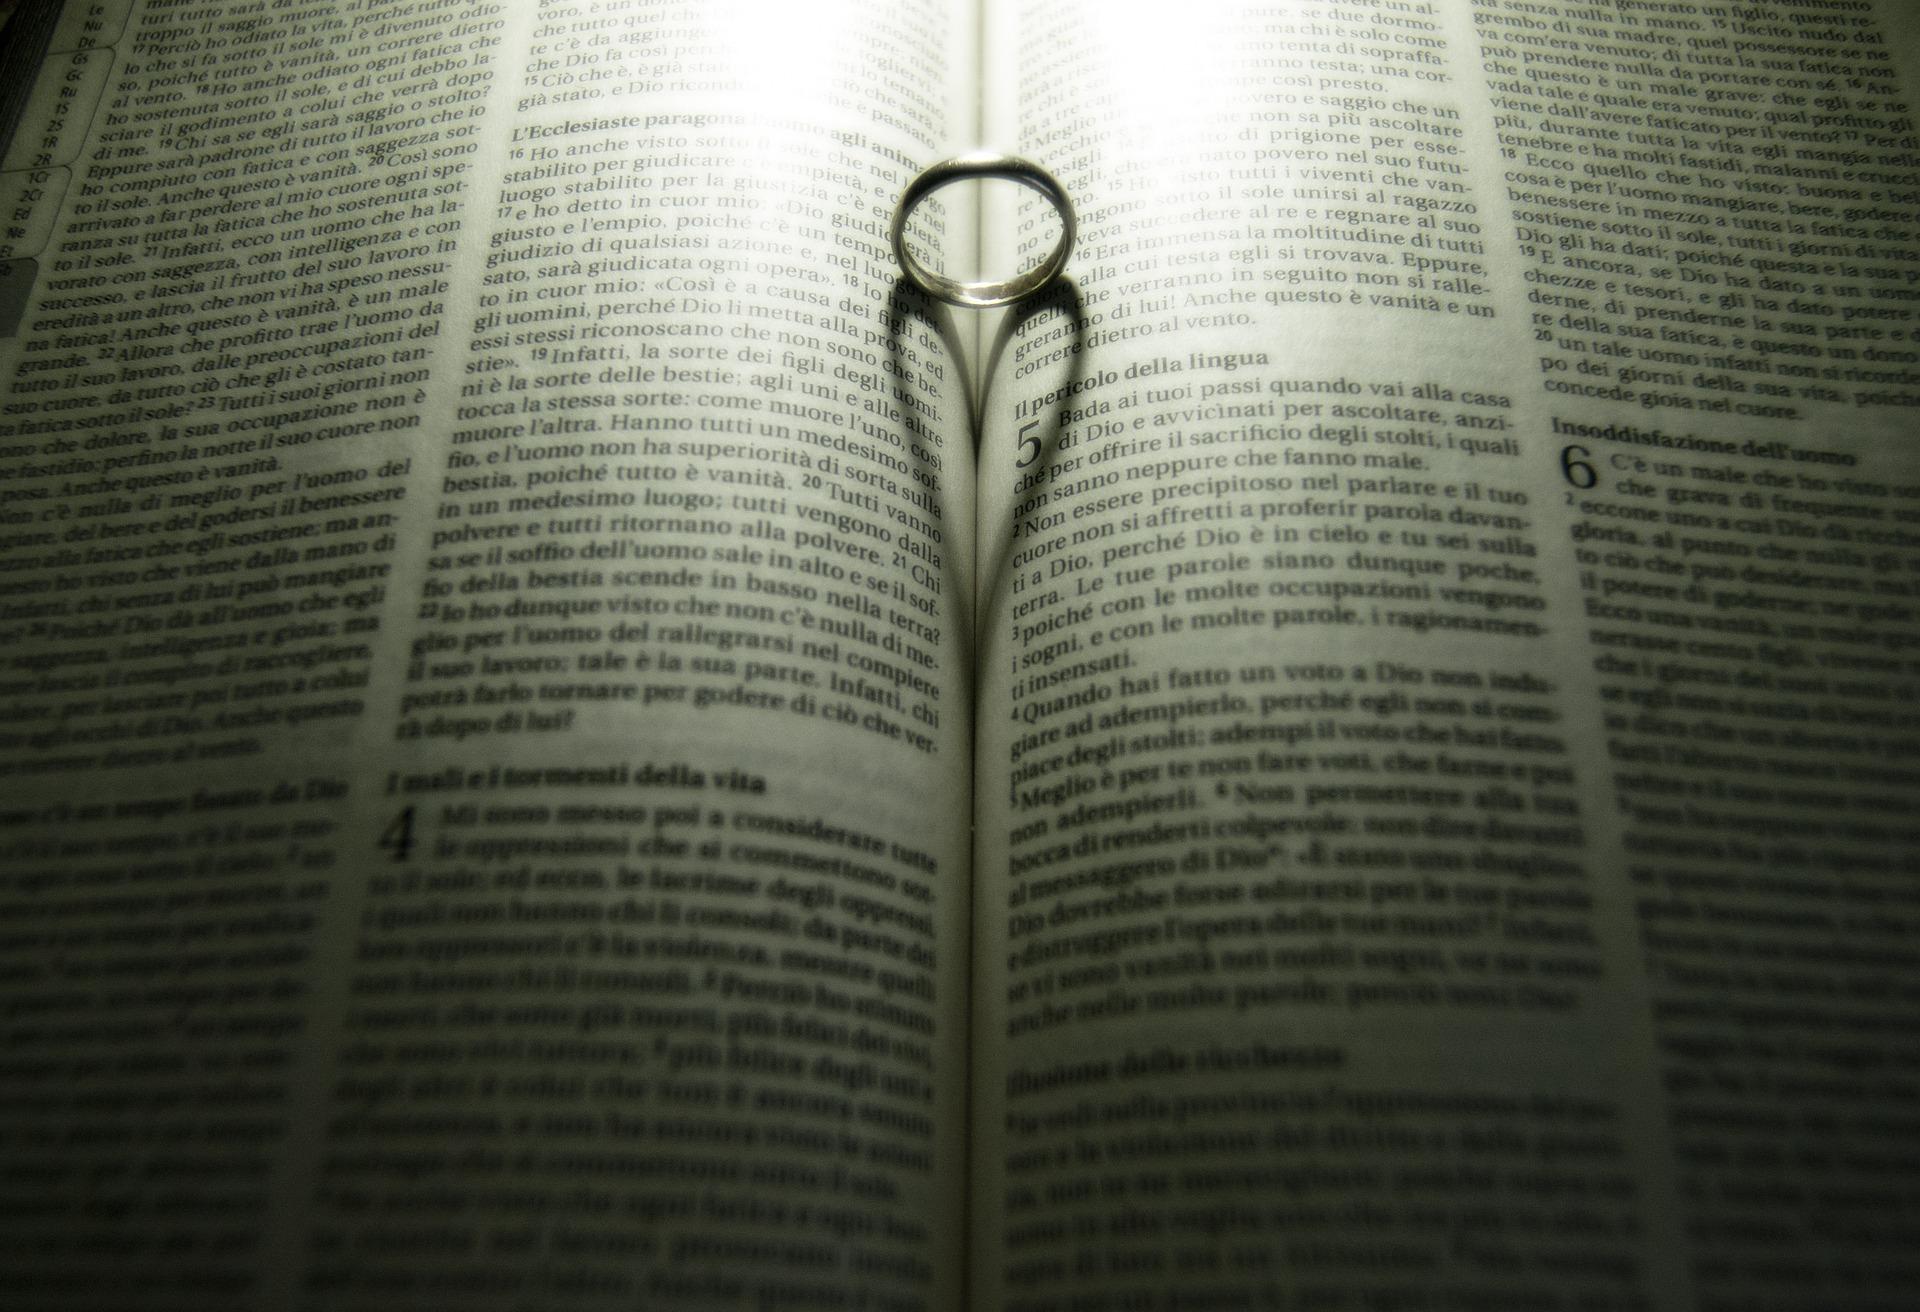 bible-876644_1920.jpg